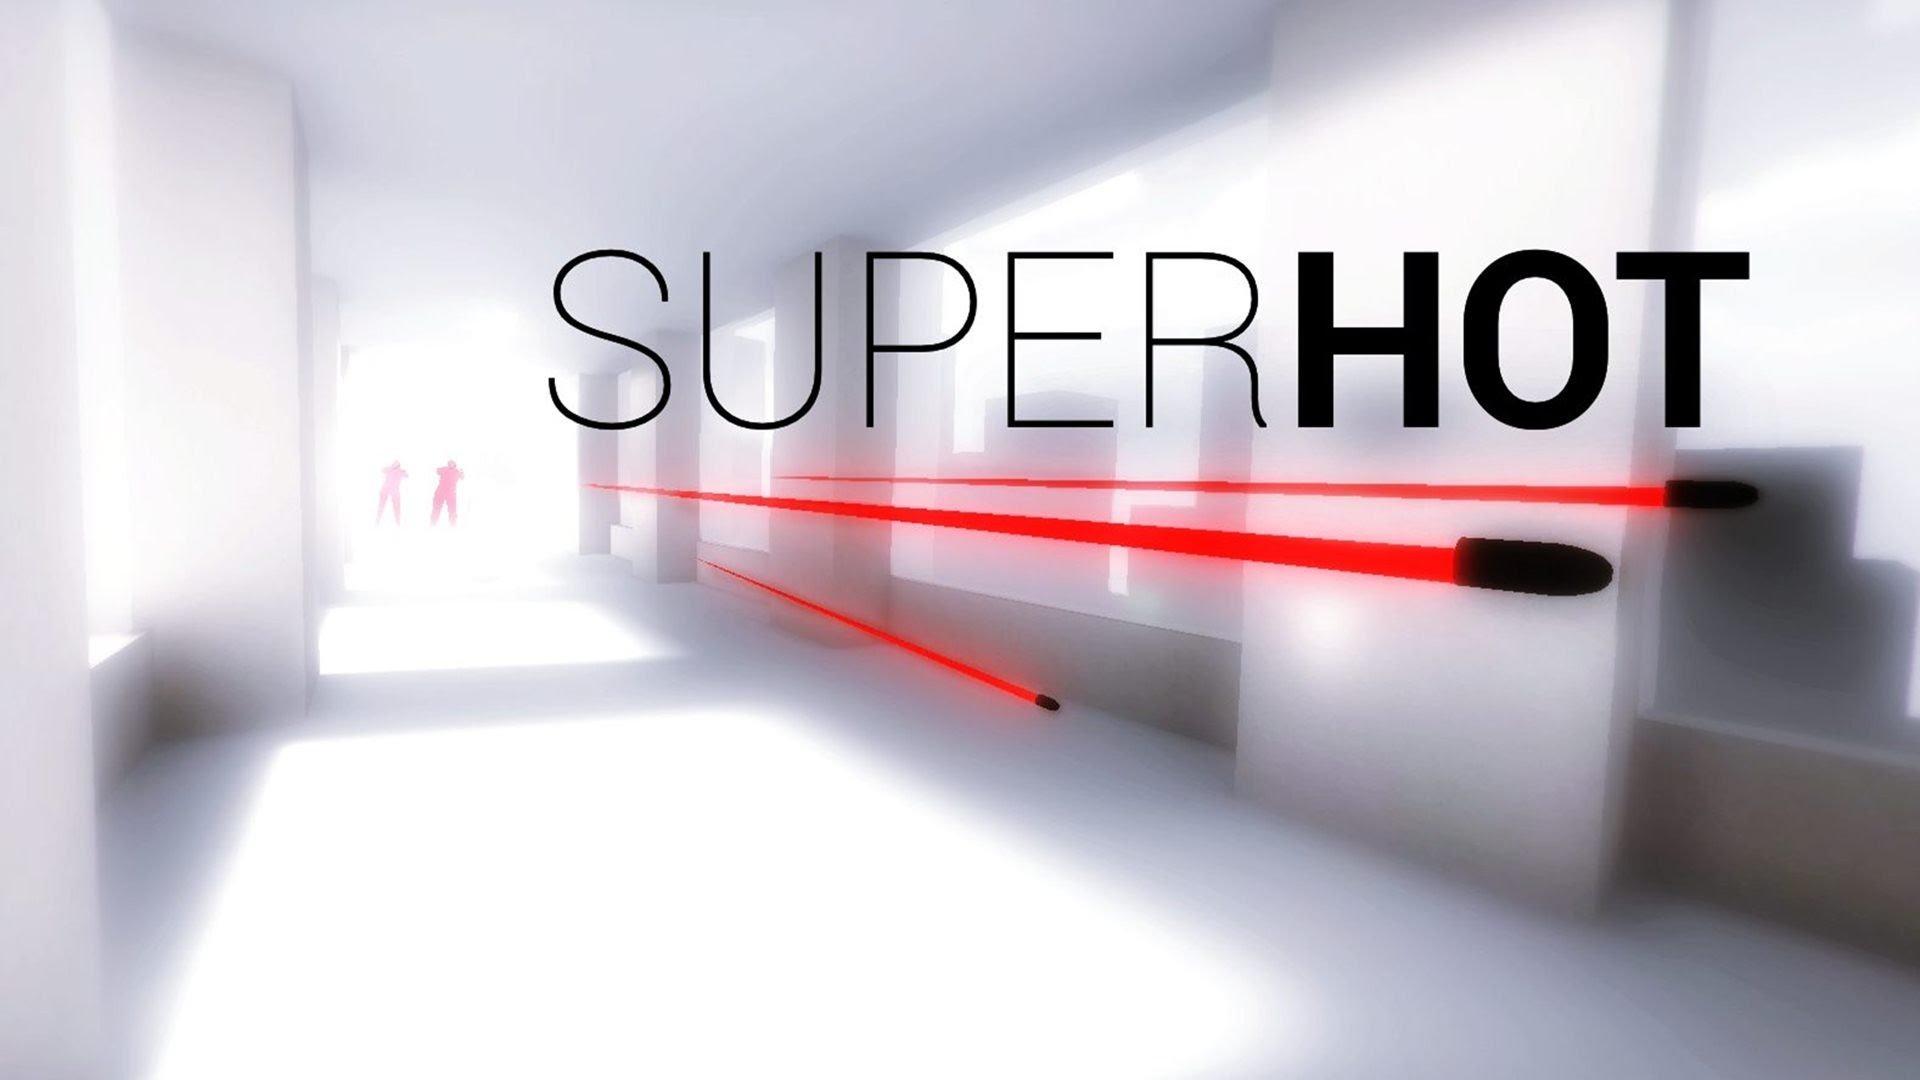 SUPERHOT Free